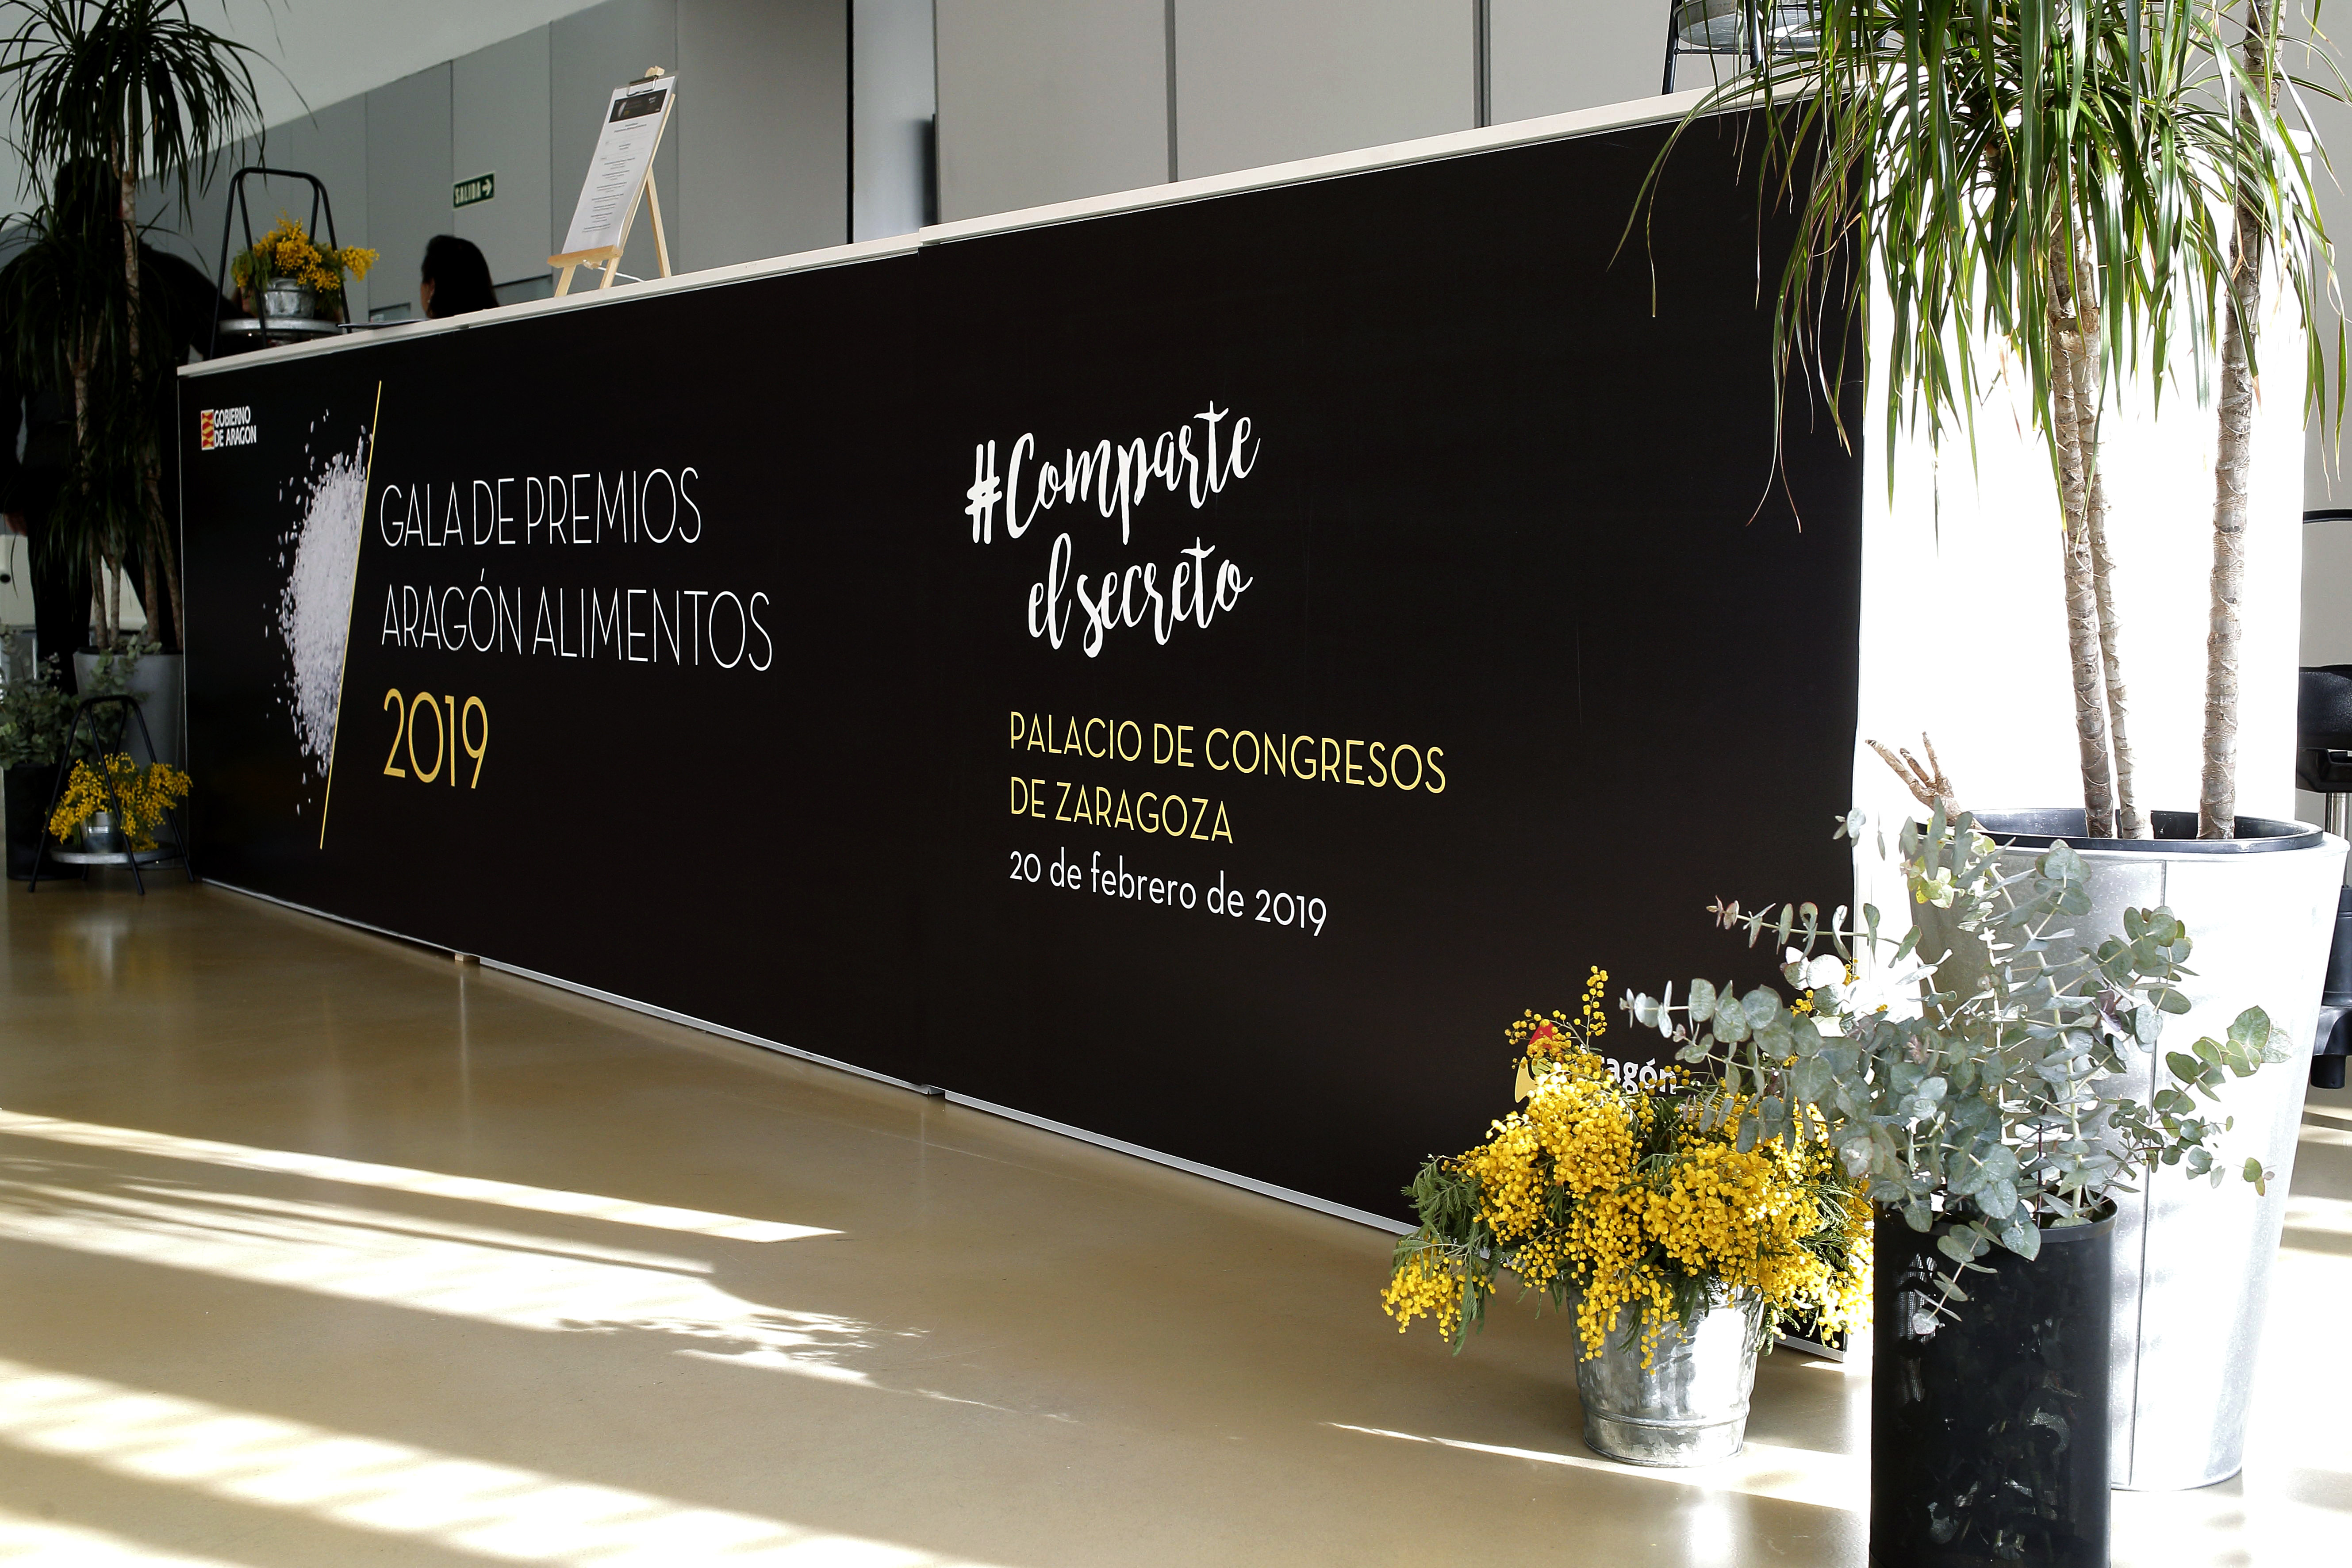 Gala de Premios Aragón Alimentos - Socioººº